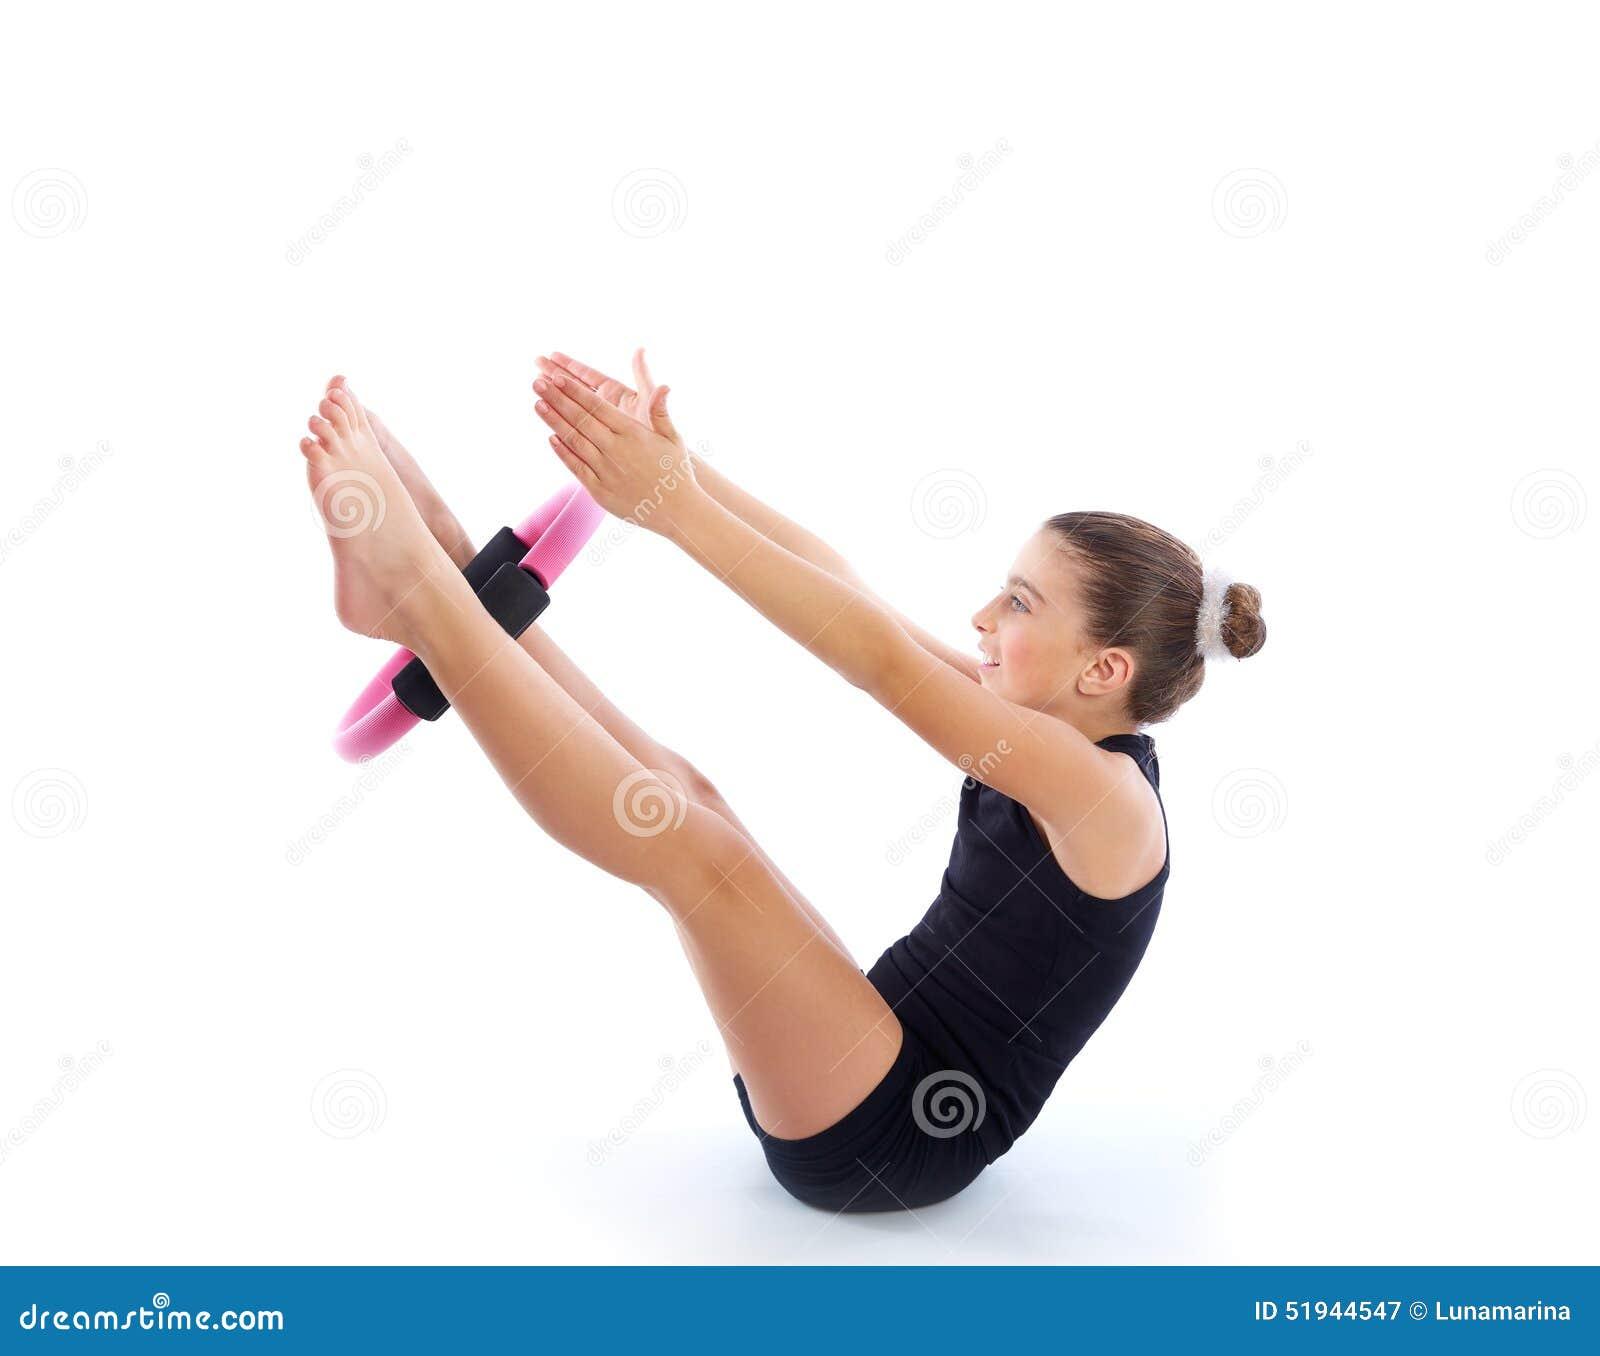 yoga pilates Escolha sua bola para pilates de acordo com sua altura a escolha da sua bola para pilates deve iniciar quando você sentar sobre ela, seus joelhos e quadris devem ser.